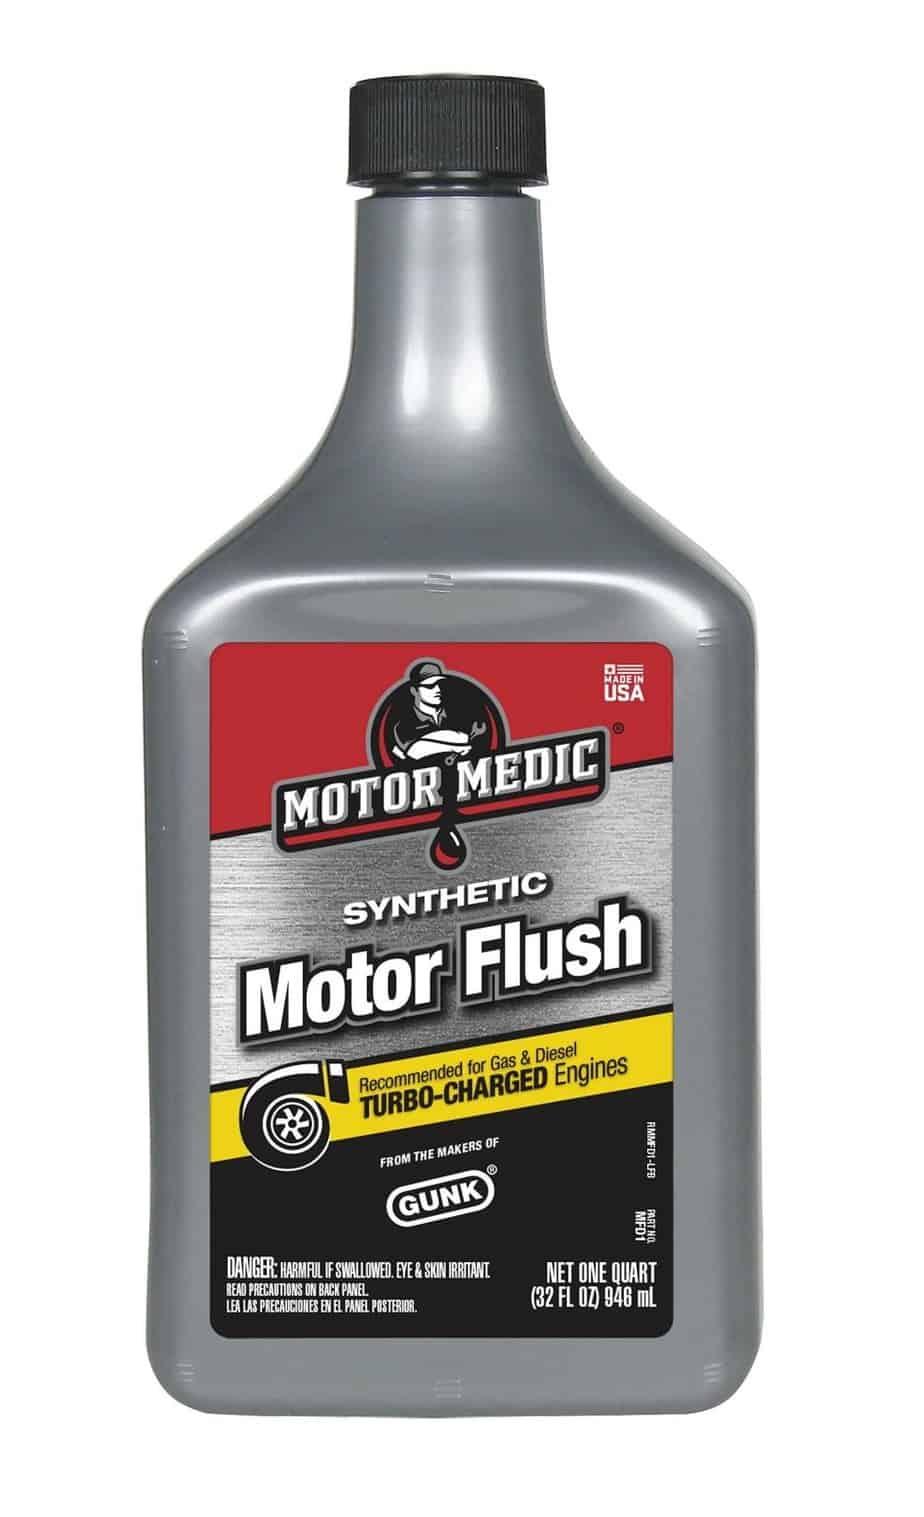 Niteo Motor Medic MFD1 Synthetic Motor Flush   Amazon